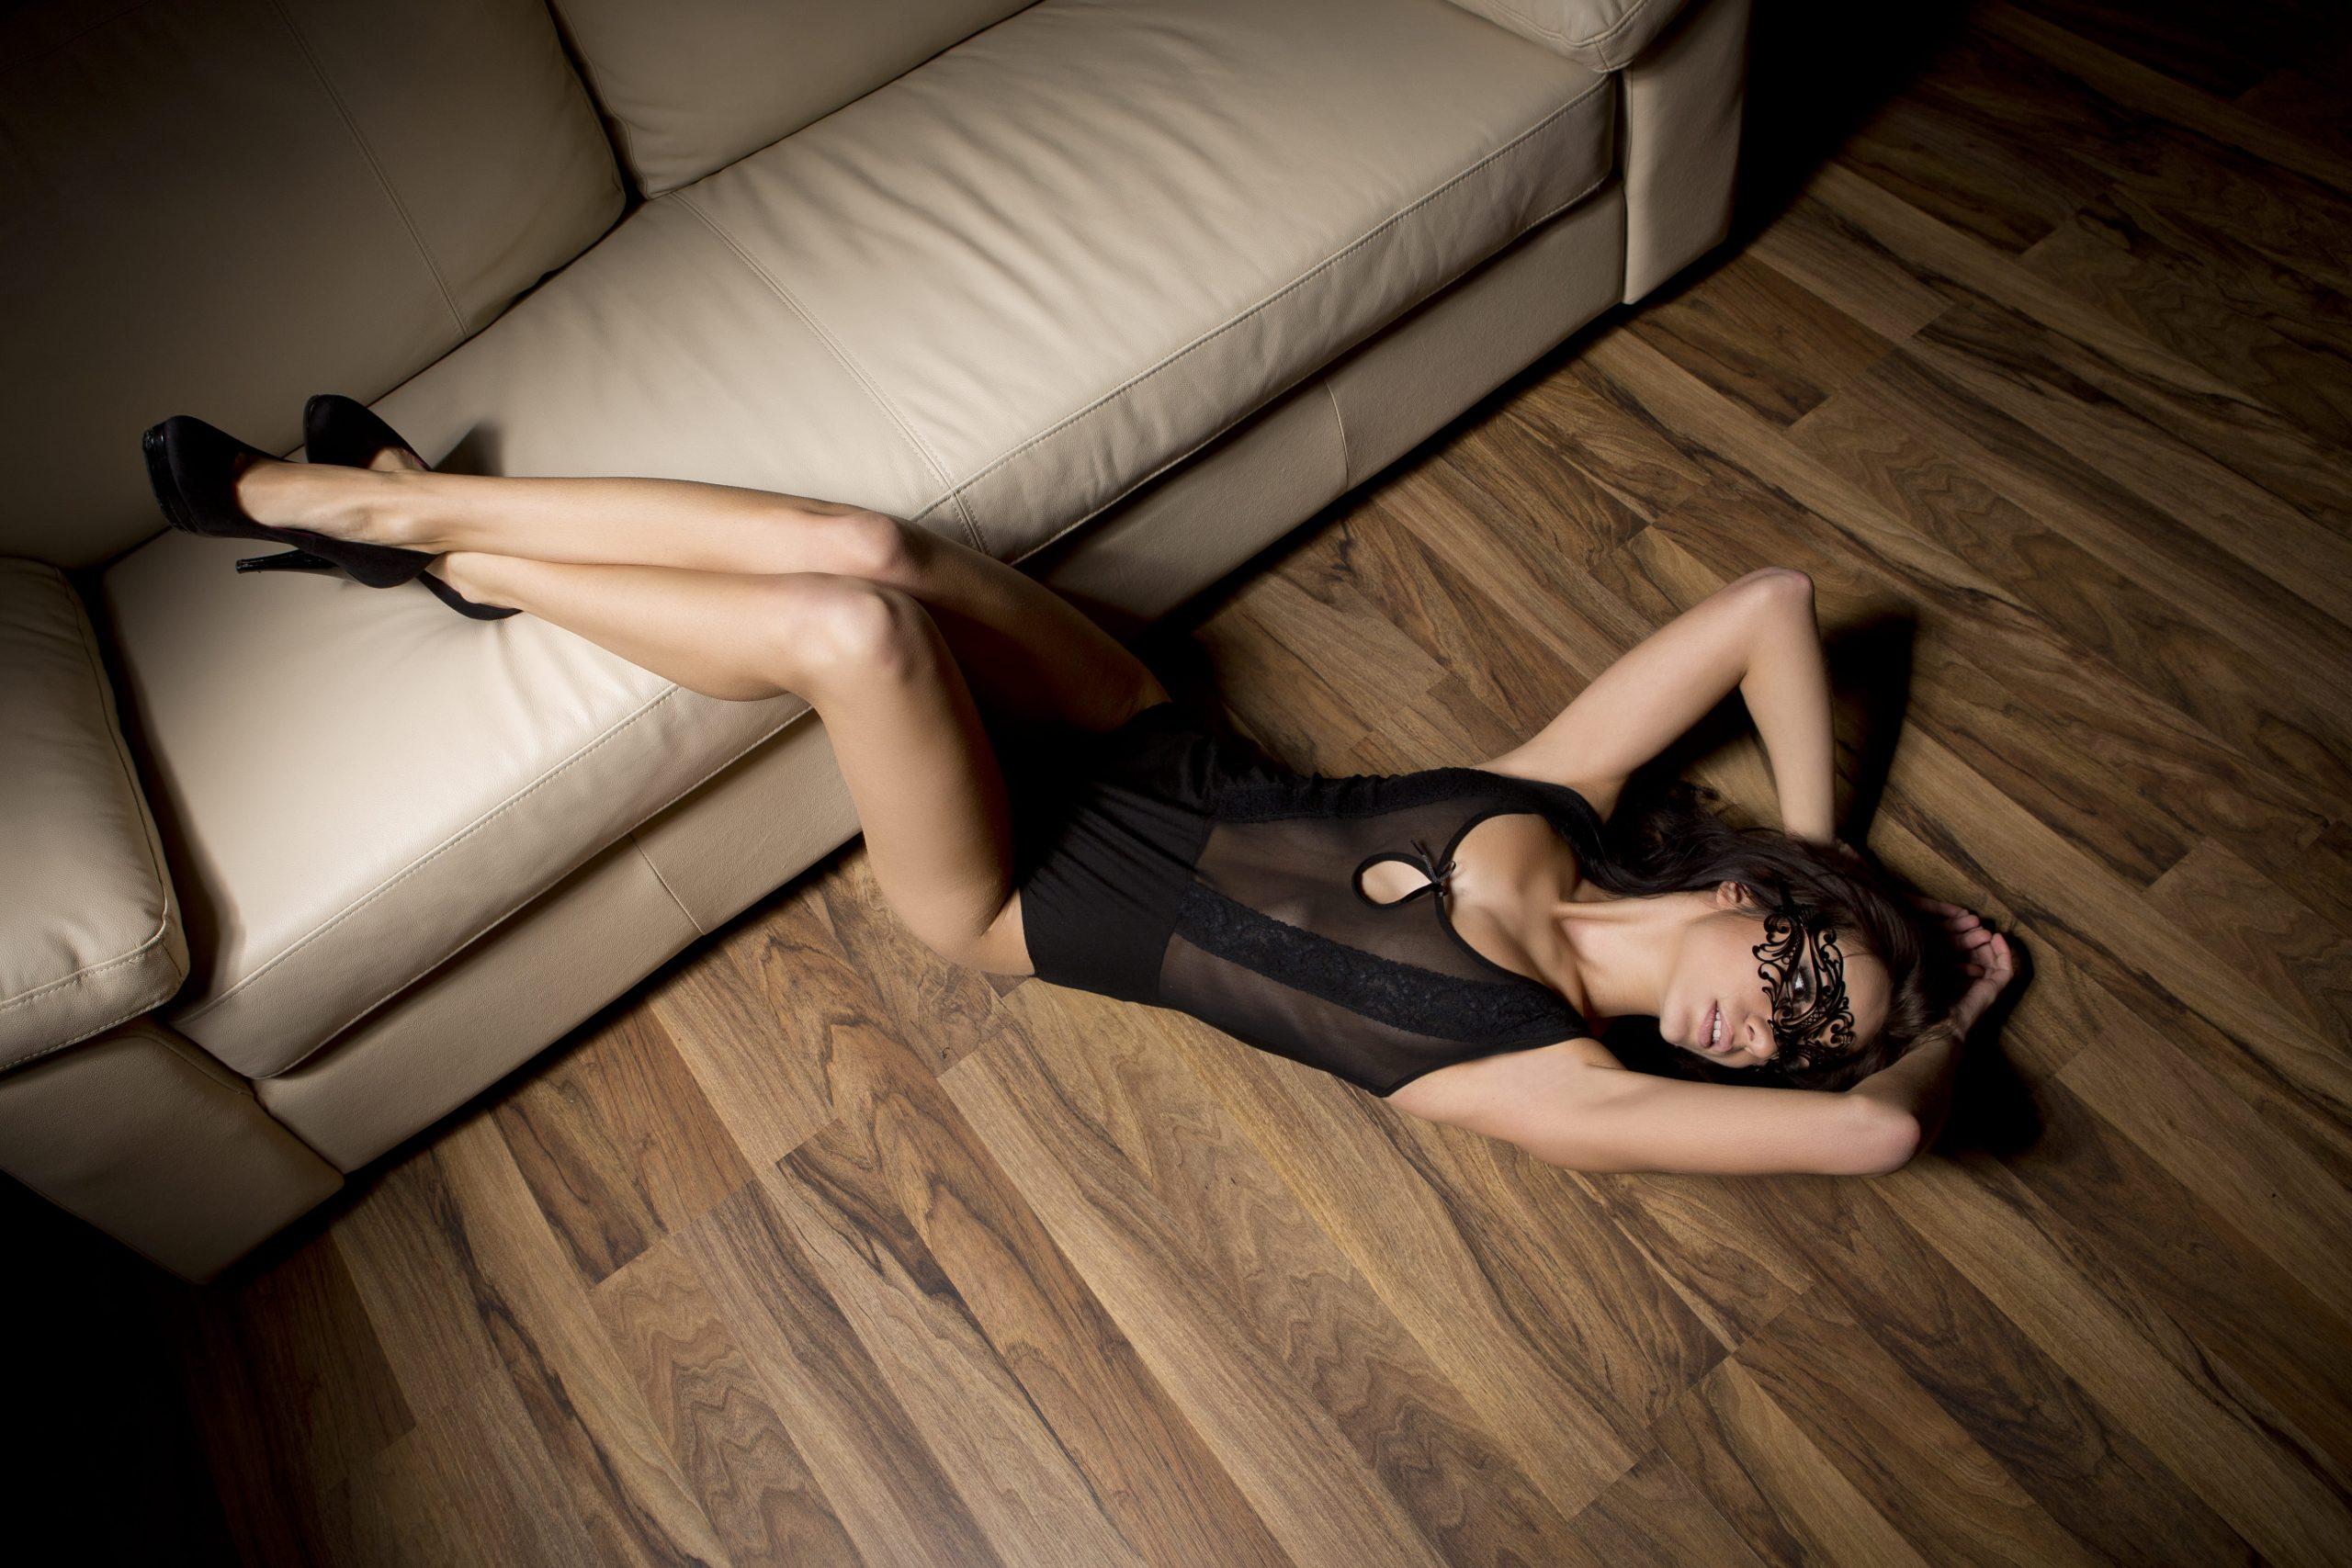 Элитный эротический массаж «Богиня»